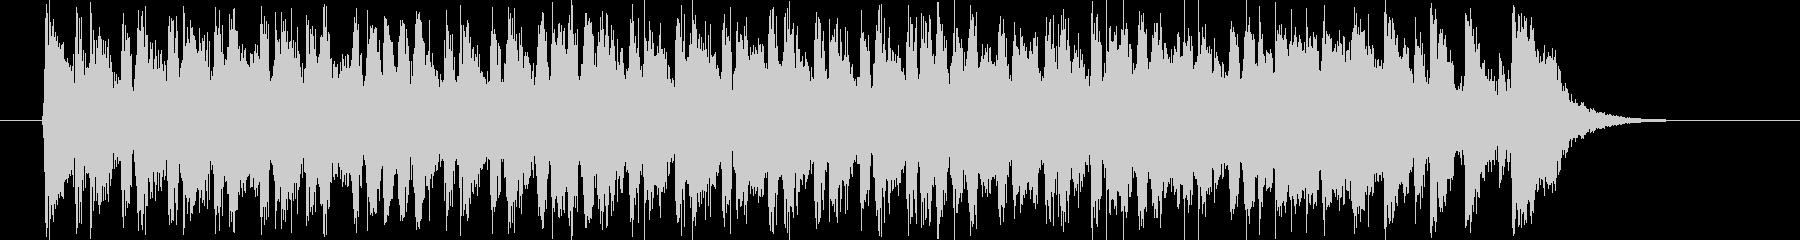 明るくドキドキ感のシンセギターサウンドの未再生の波形